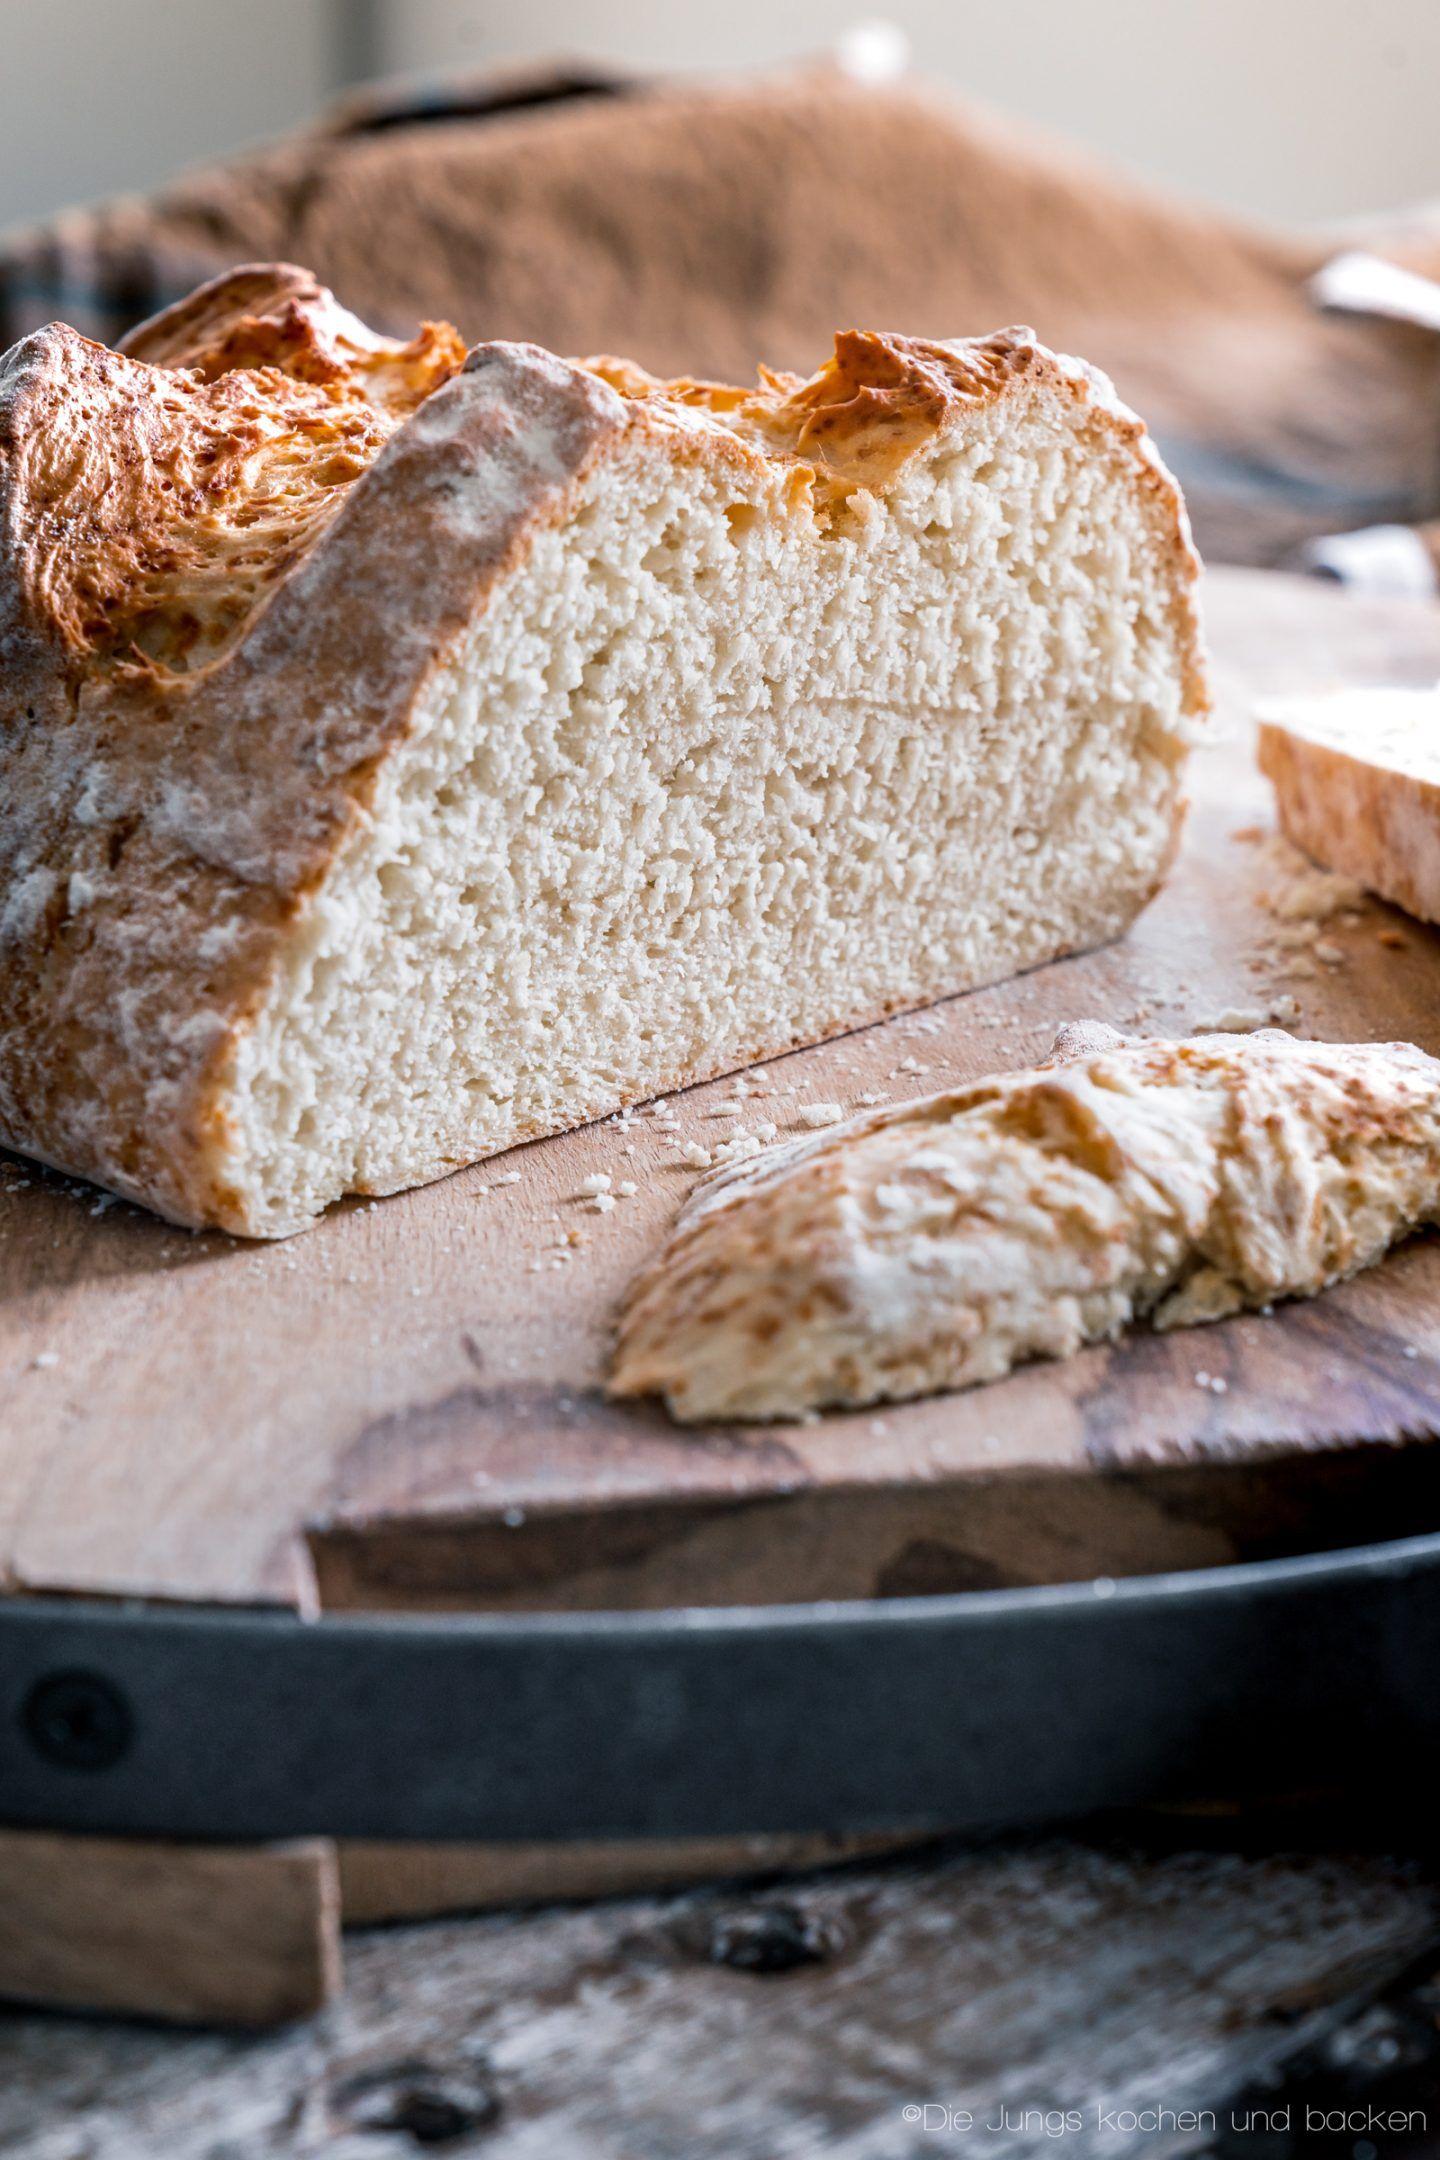 c4a39a2c0ff05aef77e49ecc46f16185 - Brot Rezepte Ohne Hefe